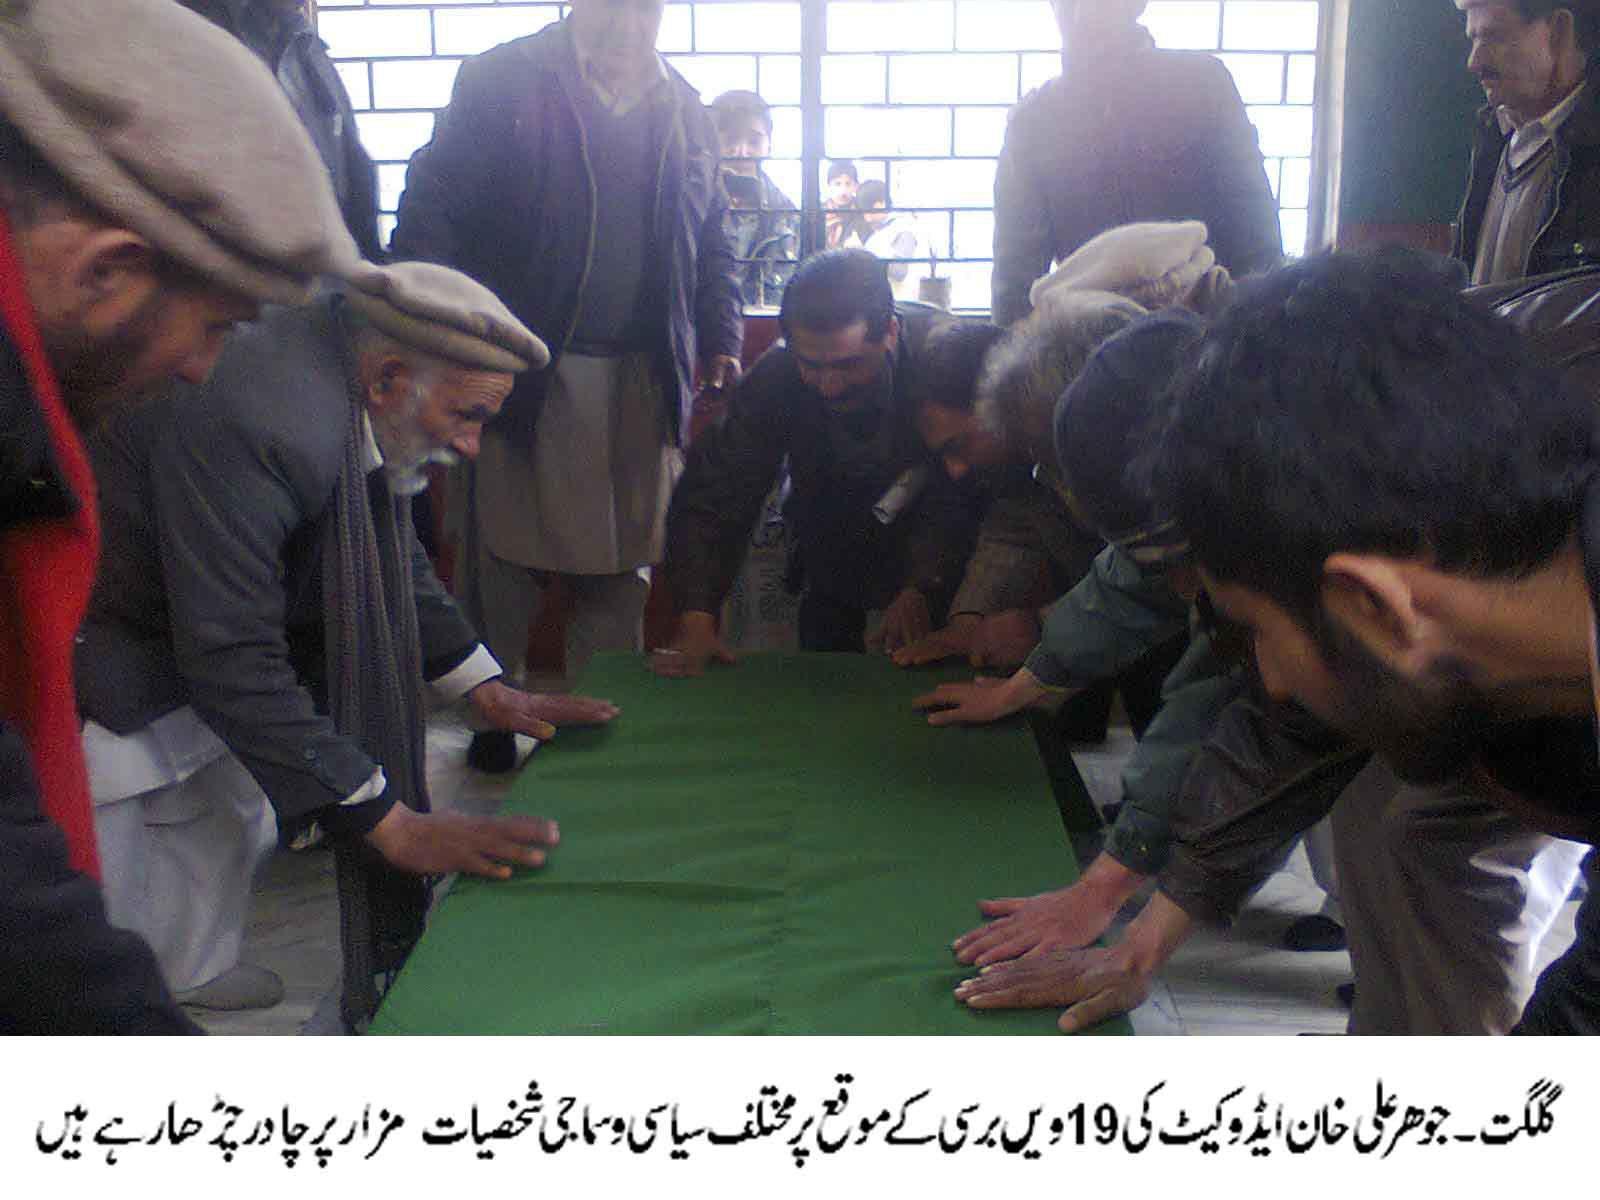 قائد گلگت جوہر علی خان ایڈوکیٹ کی برسی، شعرا اور سیاسی رہنماؤں کا خراج تحسین